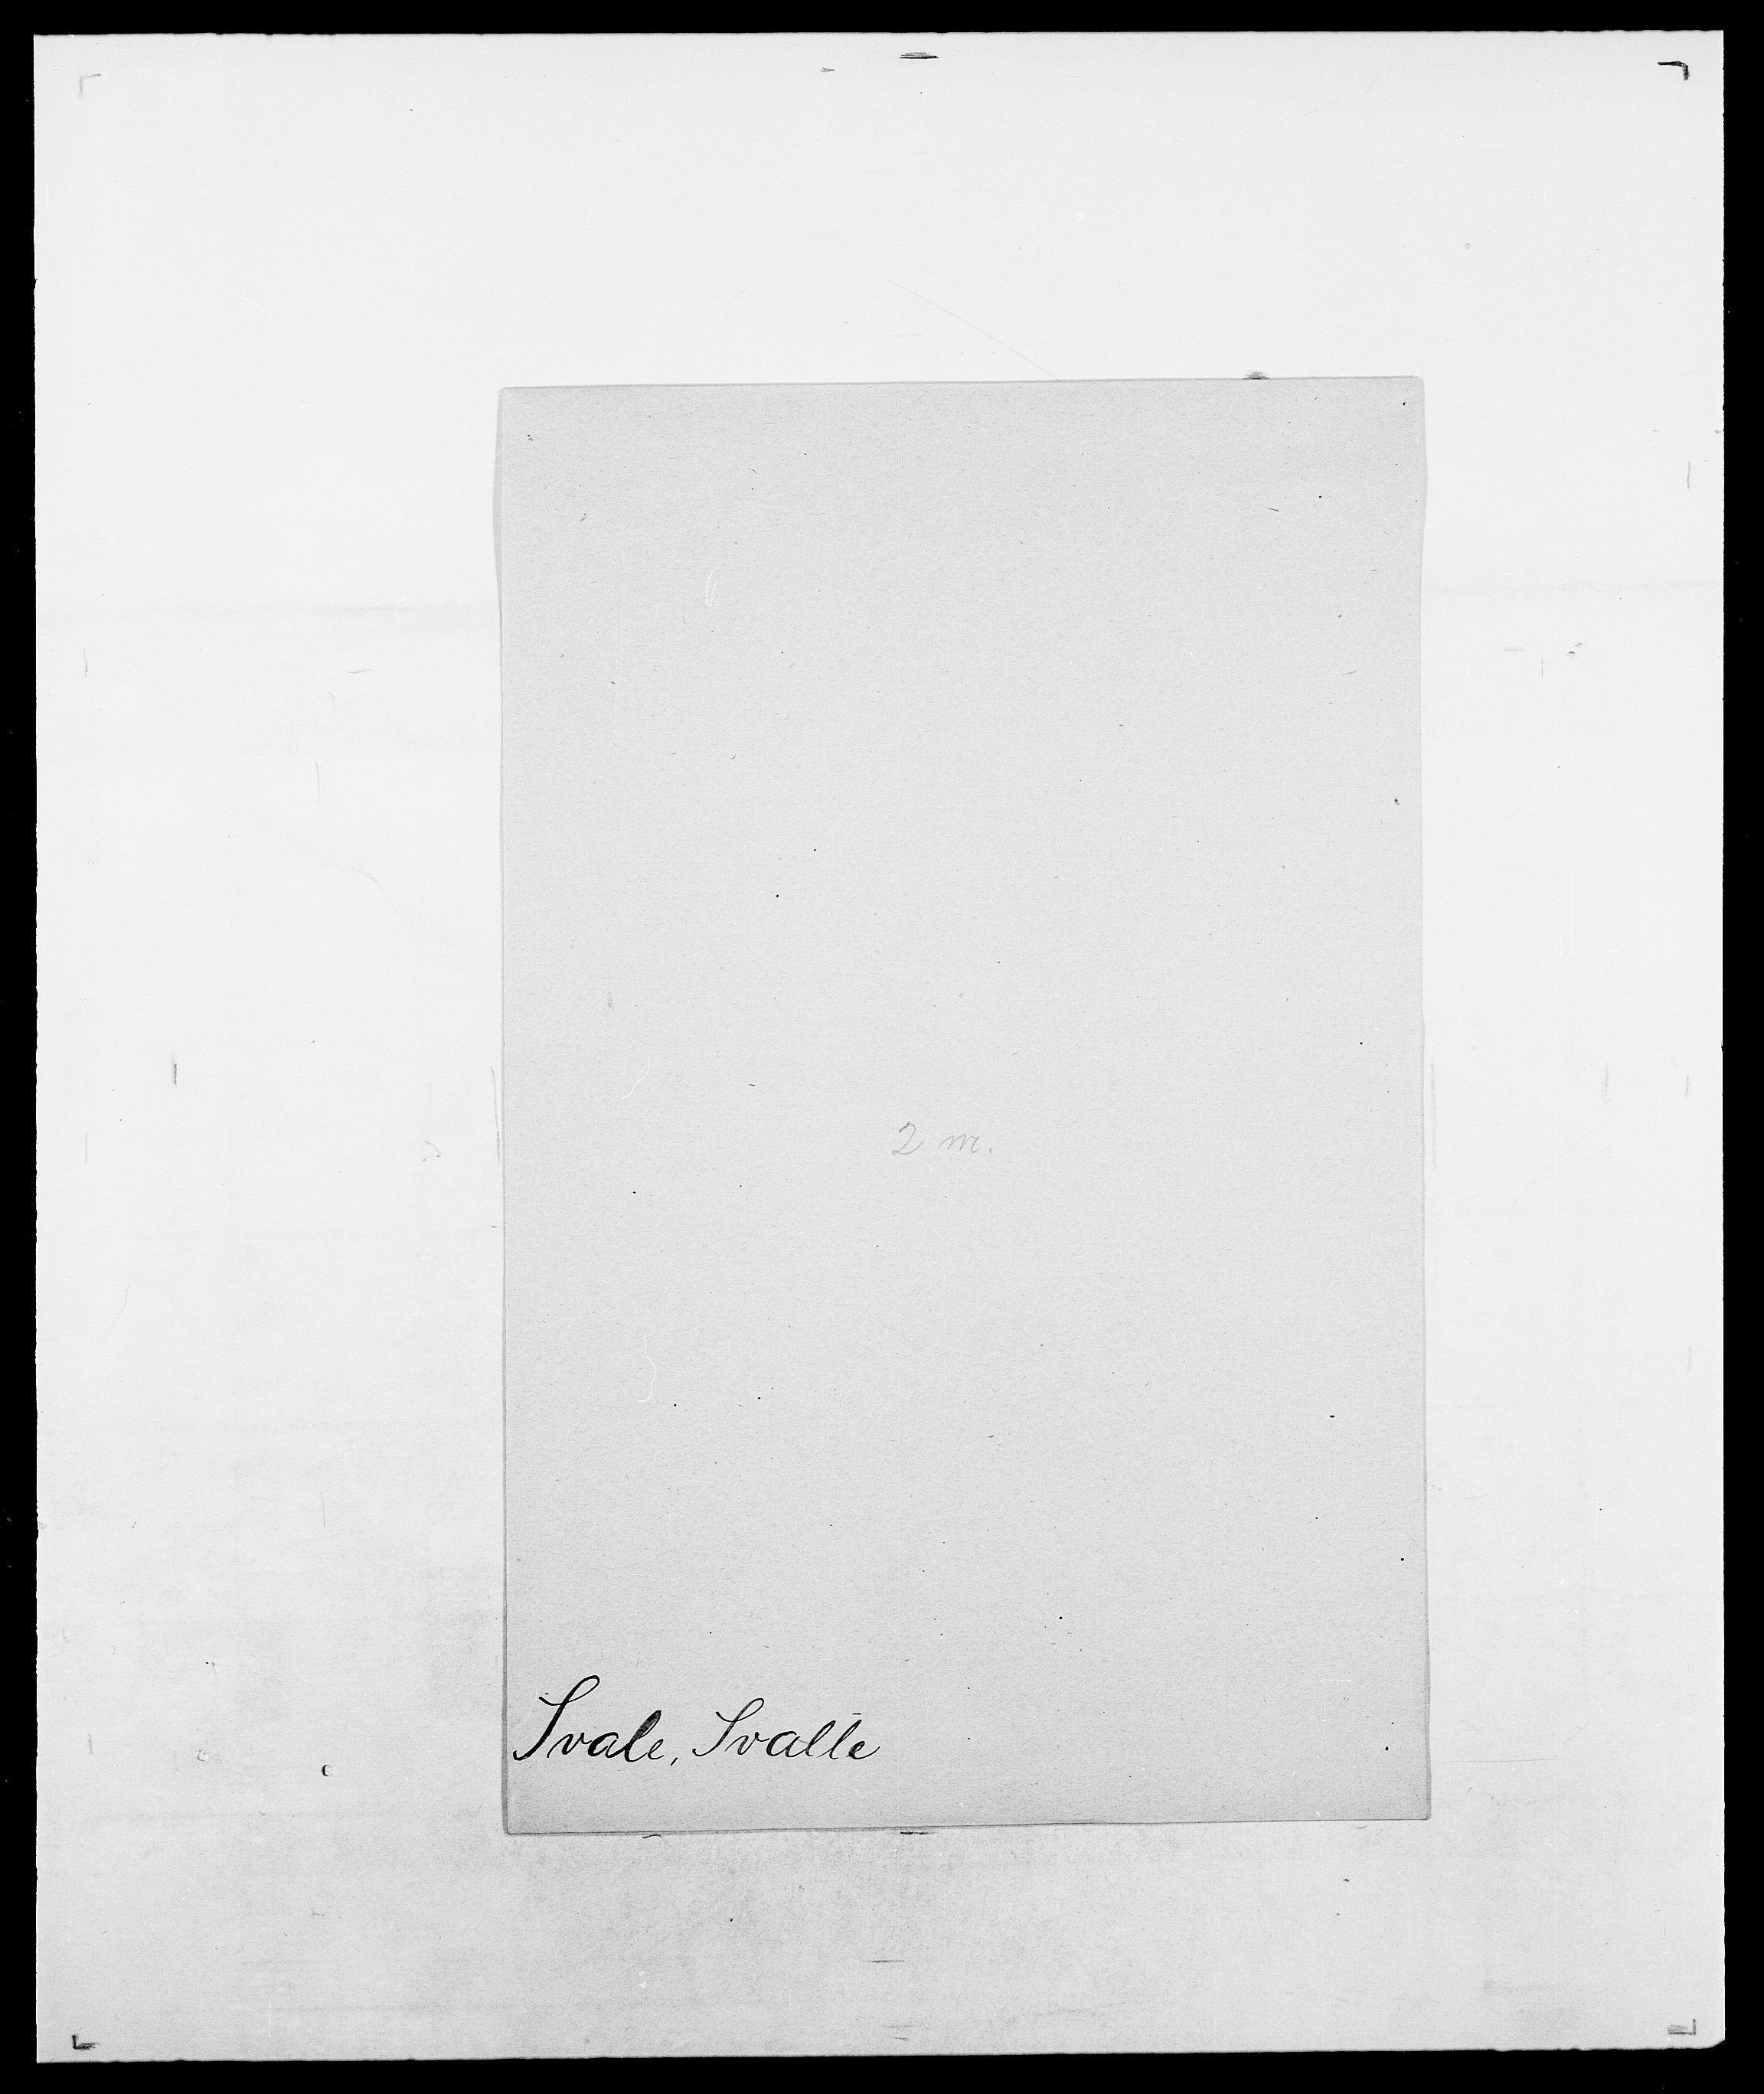 SAO, Delgobe, Charles Antoine - samling, D/Da/L0037: Steen, Sthen, Stein - Svare, Svanige, Svanne, se også Svanning og Schwane, s. 970